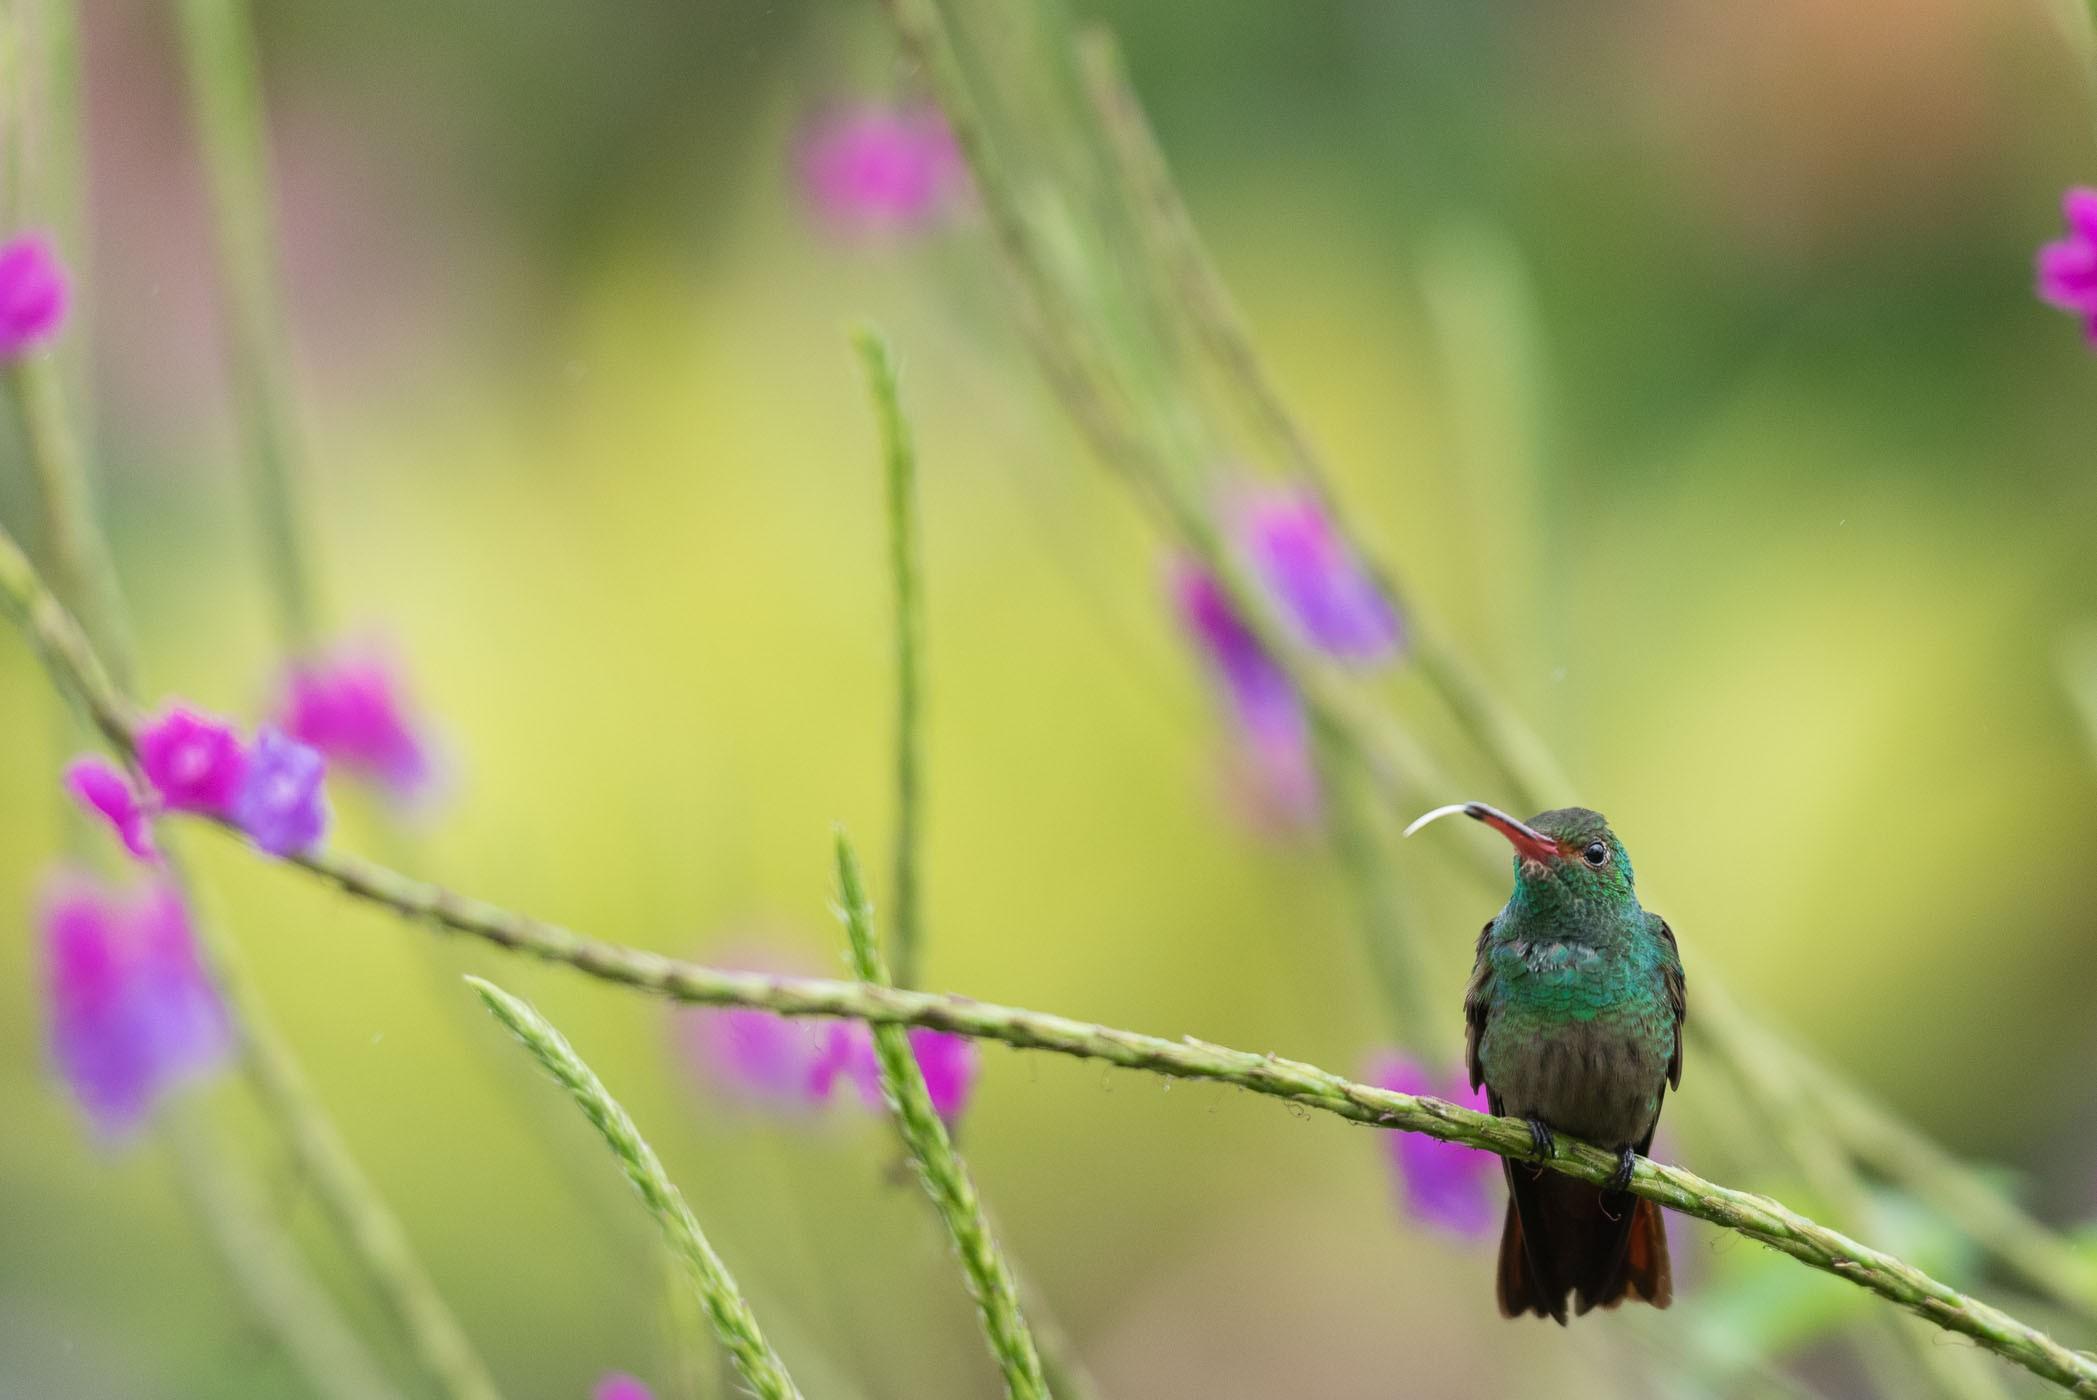 De kolibrie steekt zijn tong uit, hihi!